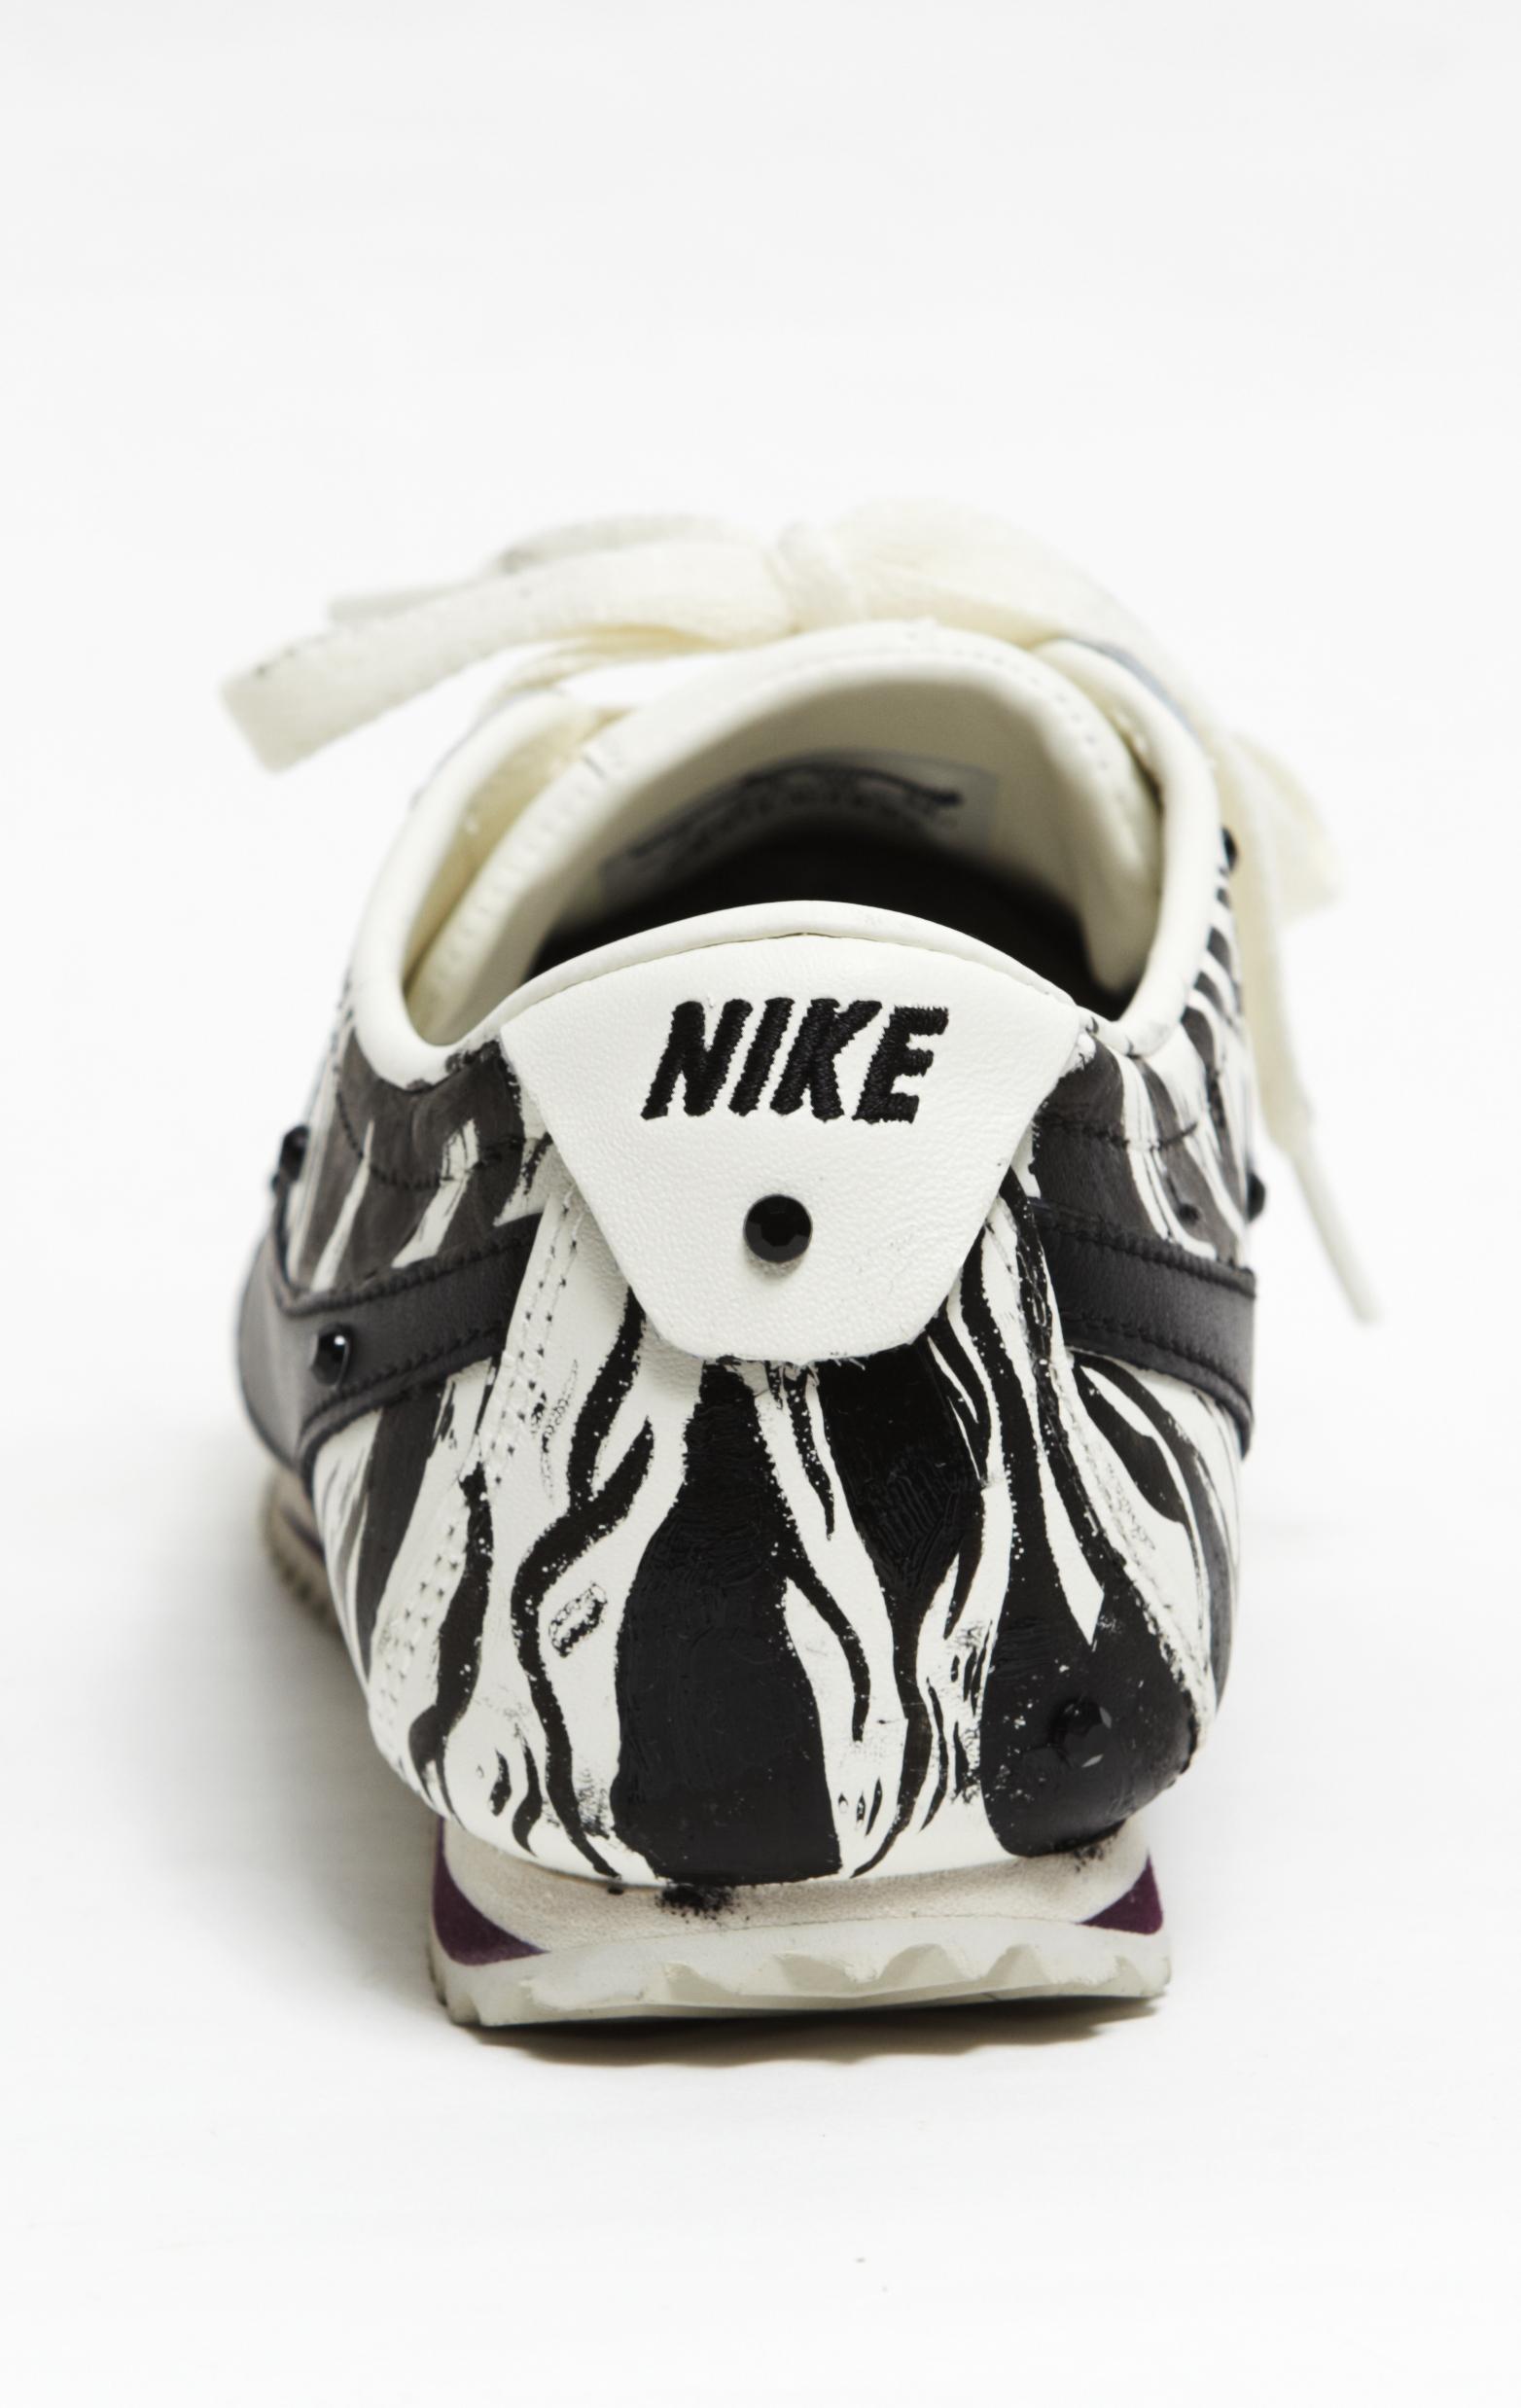 Nike Cortez(Thailand)1.jpg